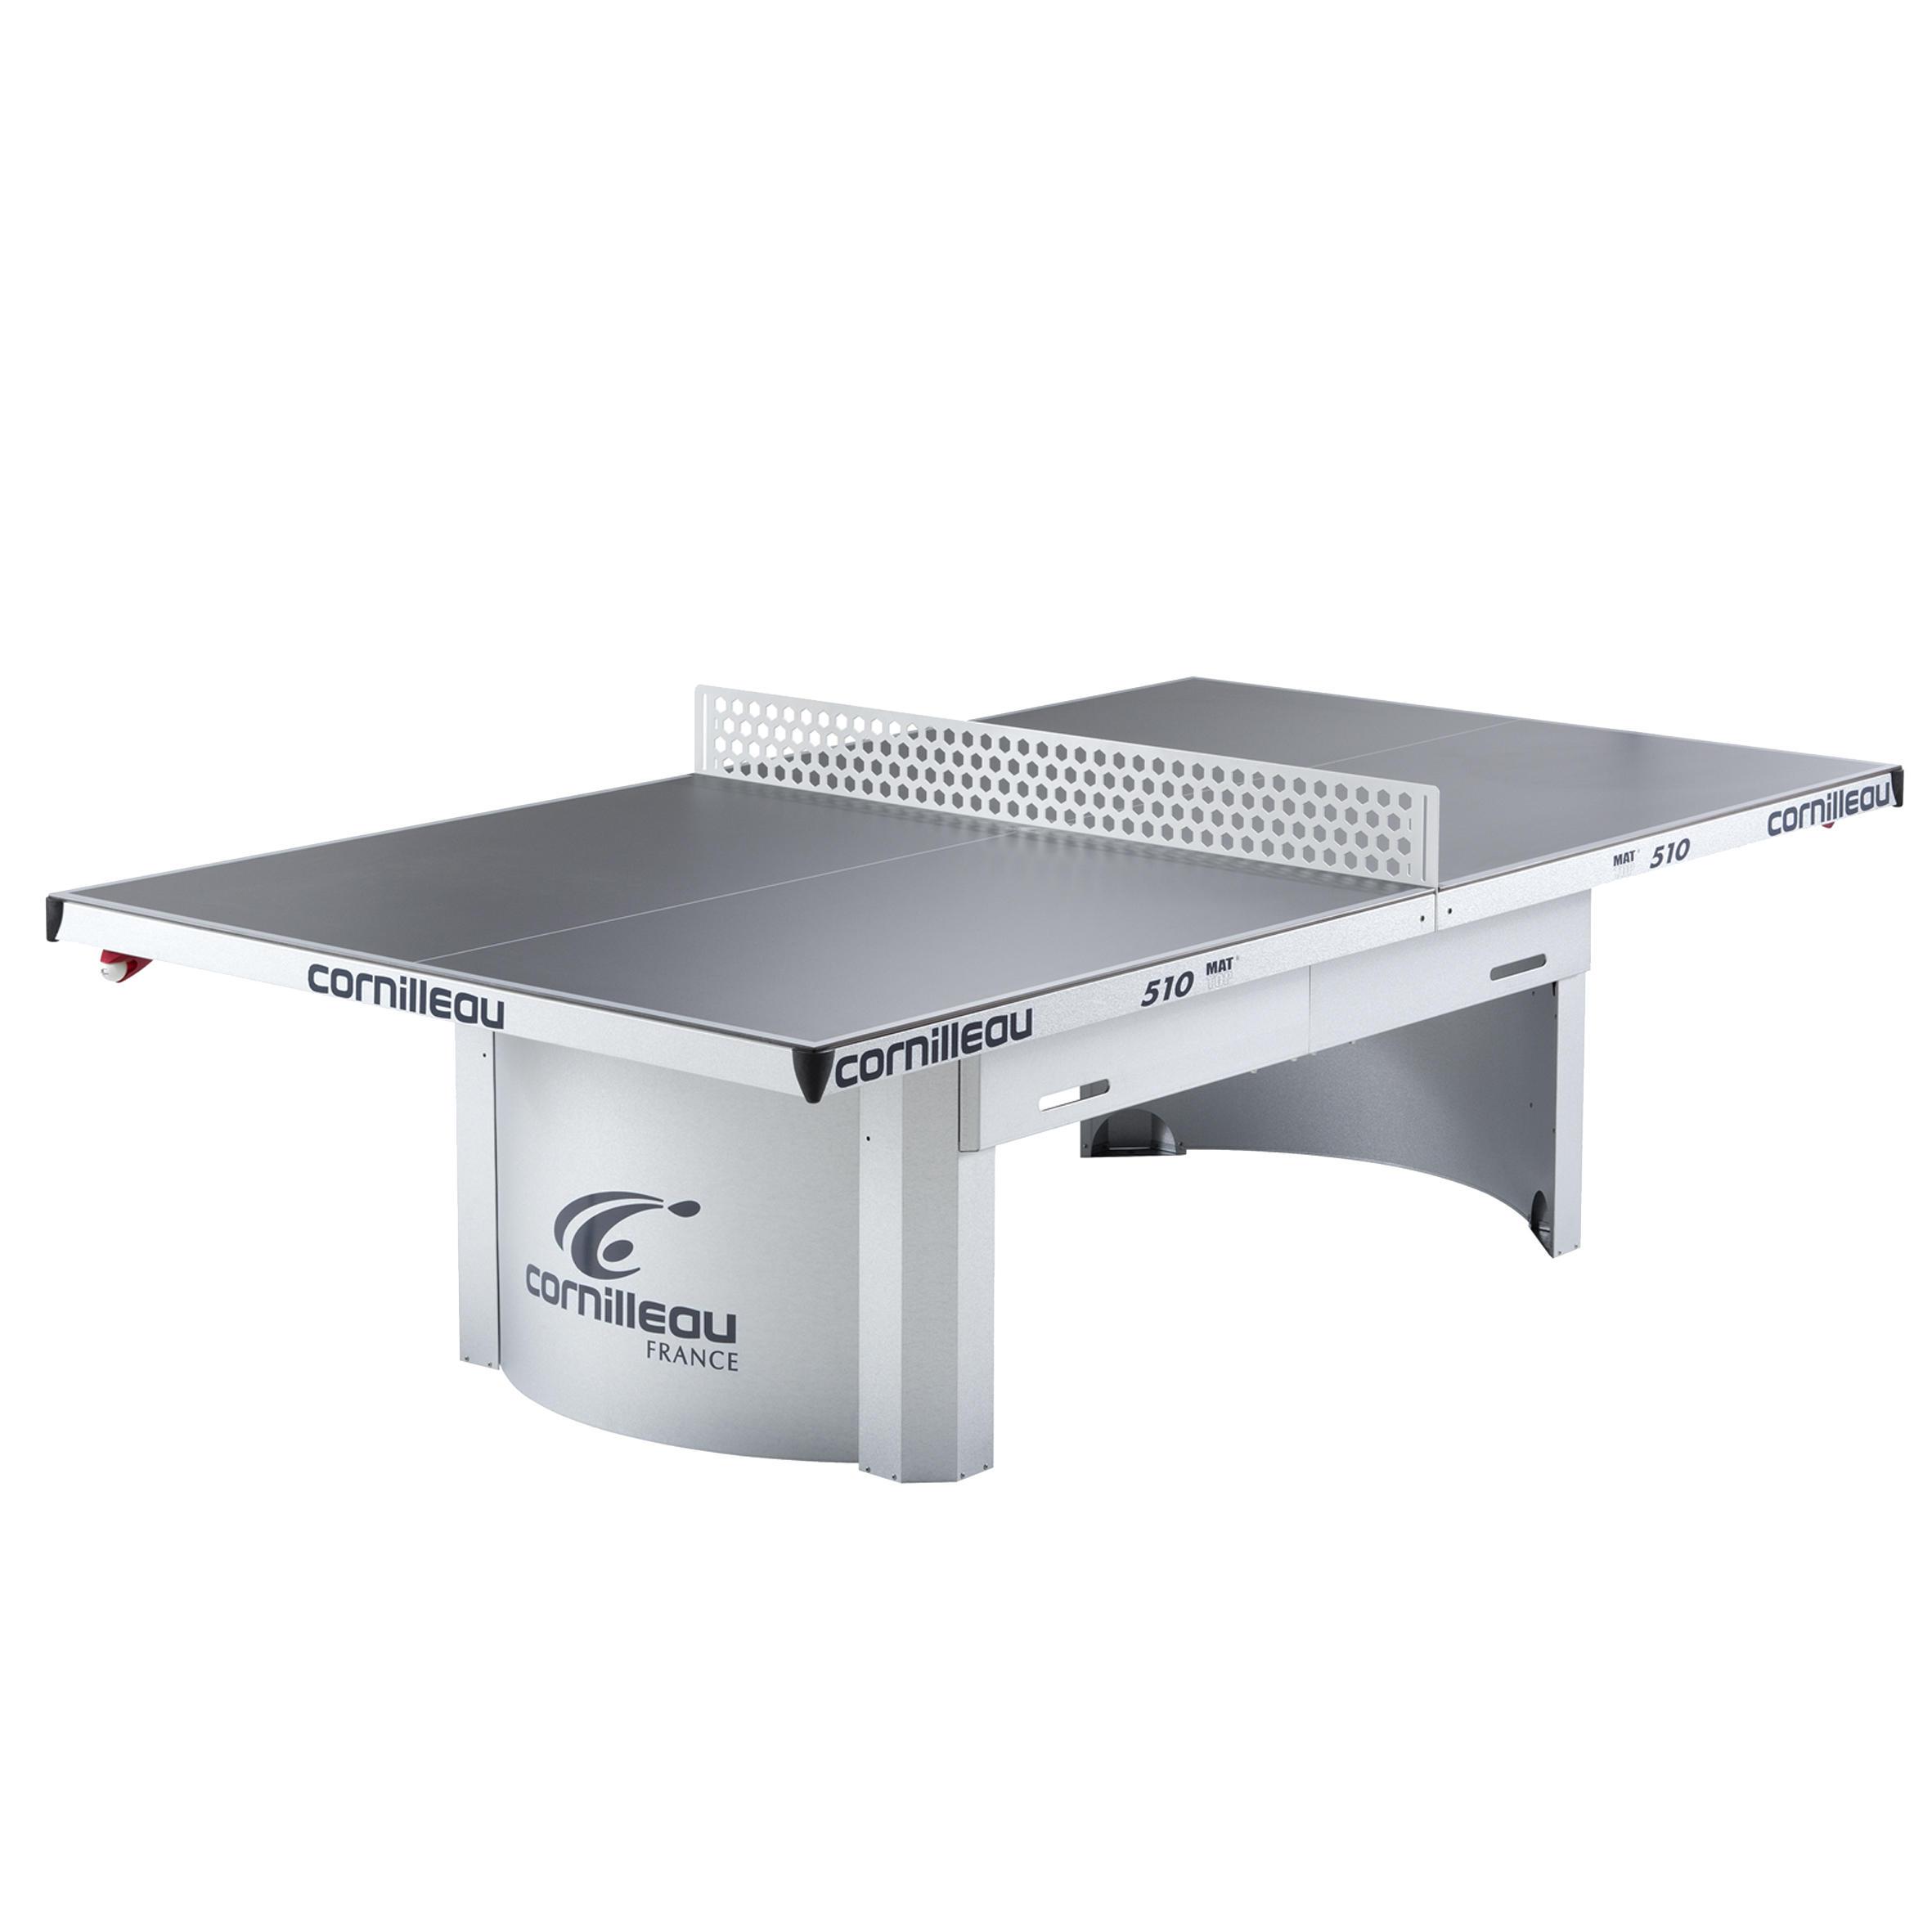 Cornilleau Tafeltennistafel outdoor 510 Pro grijs